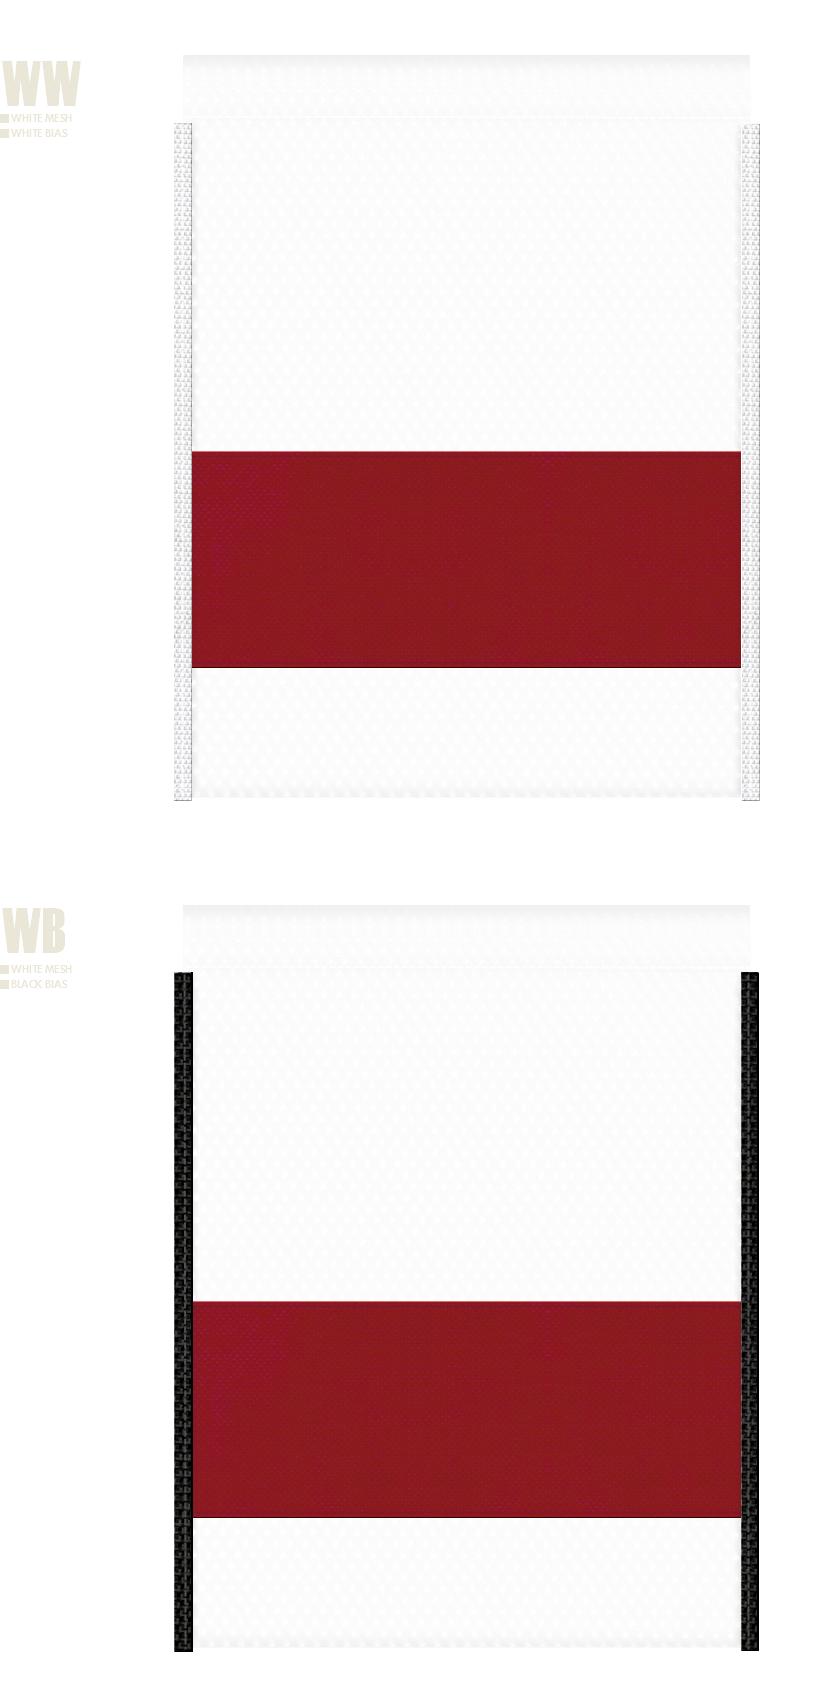 白色メッシュとエンジ色不織布のメッシュバッグカラーシミュレーション:キャンプ用品・アウトドア用品・スポーツ用品・シューズバッグにお奨め